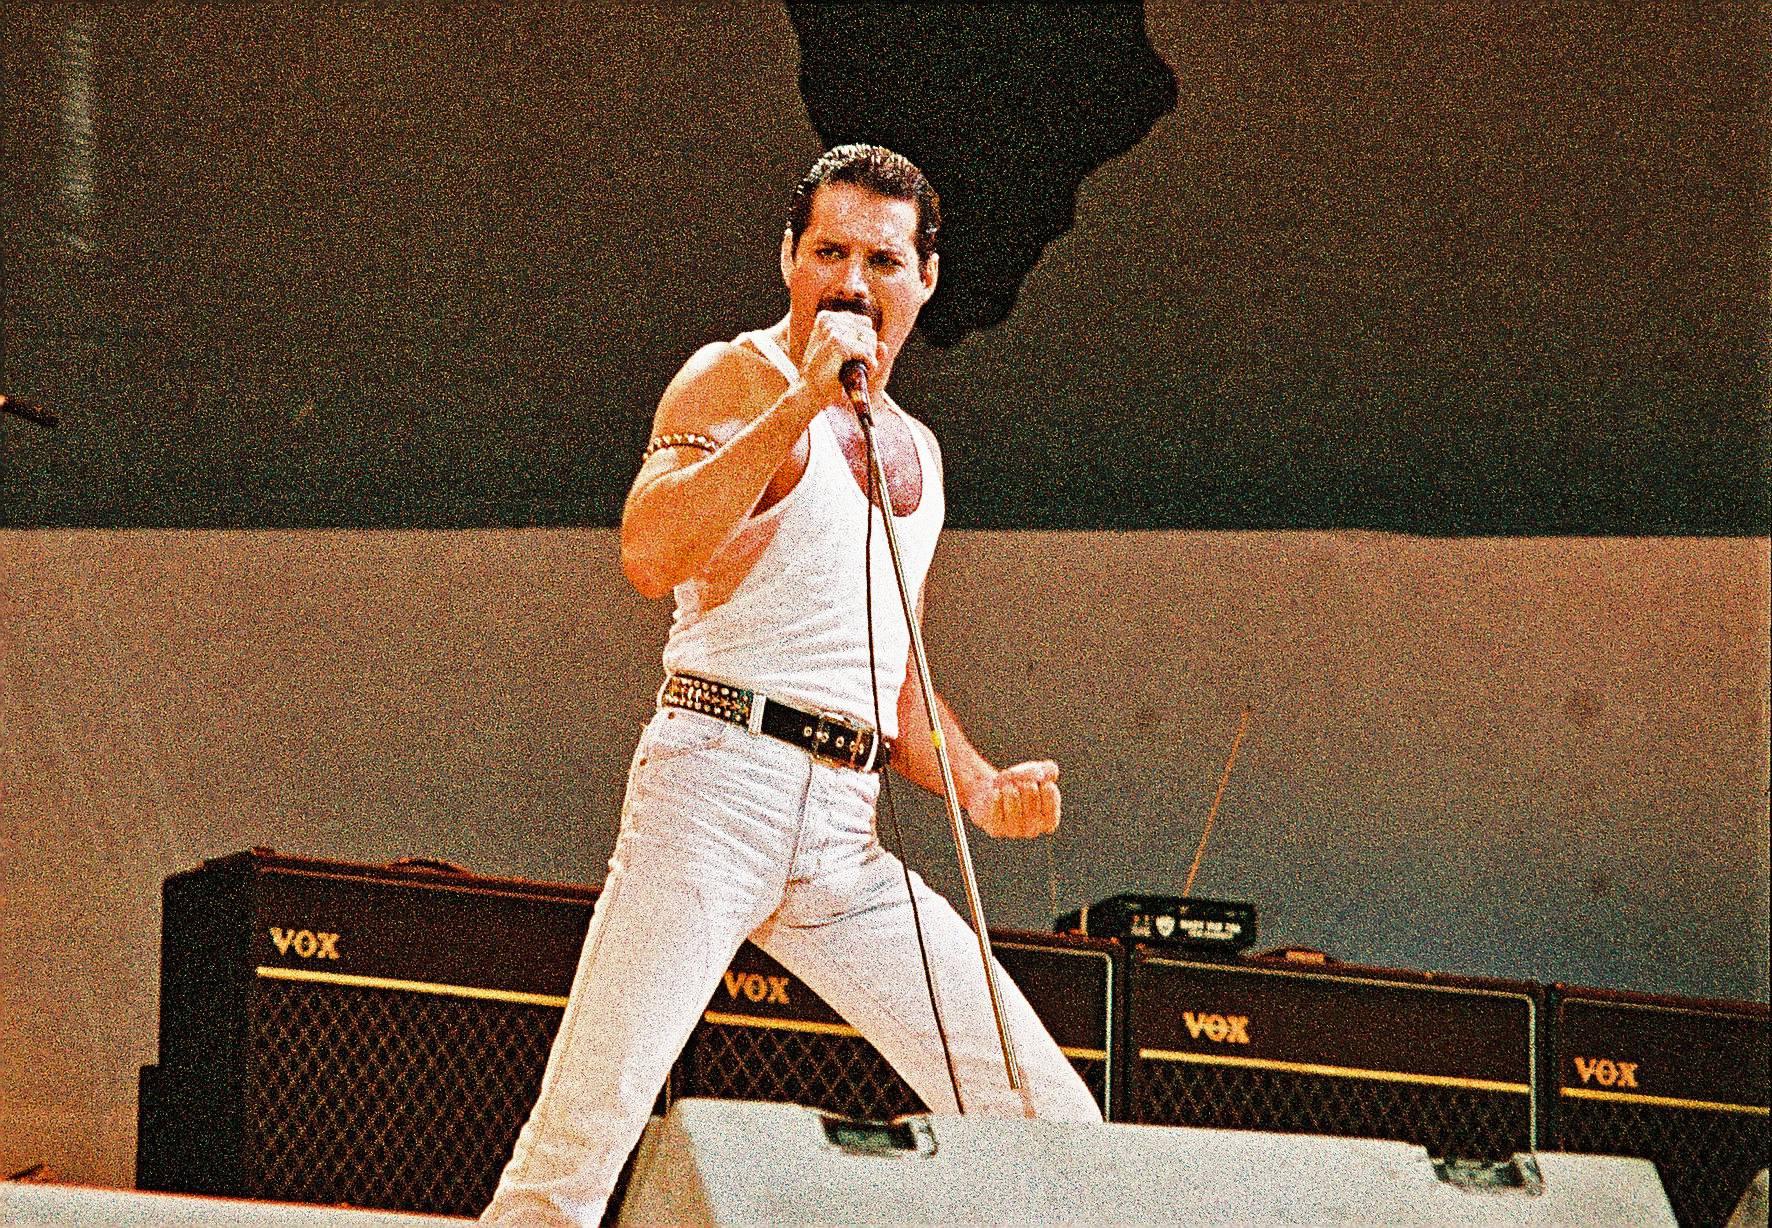 Mit dieser Queen-App könnt Ihr wie Freddie Mercury singen - Musikexpress